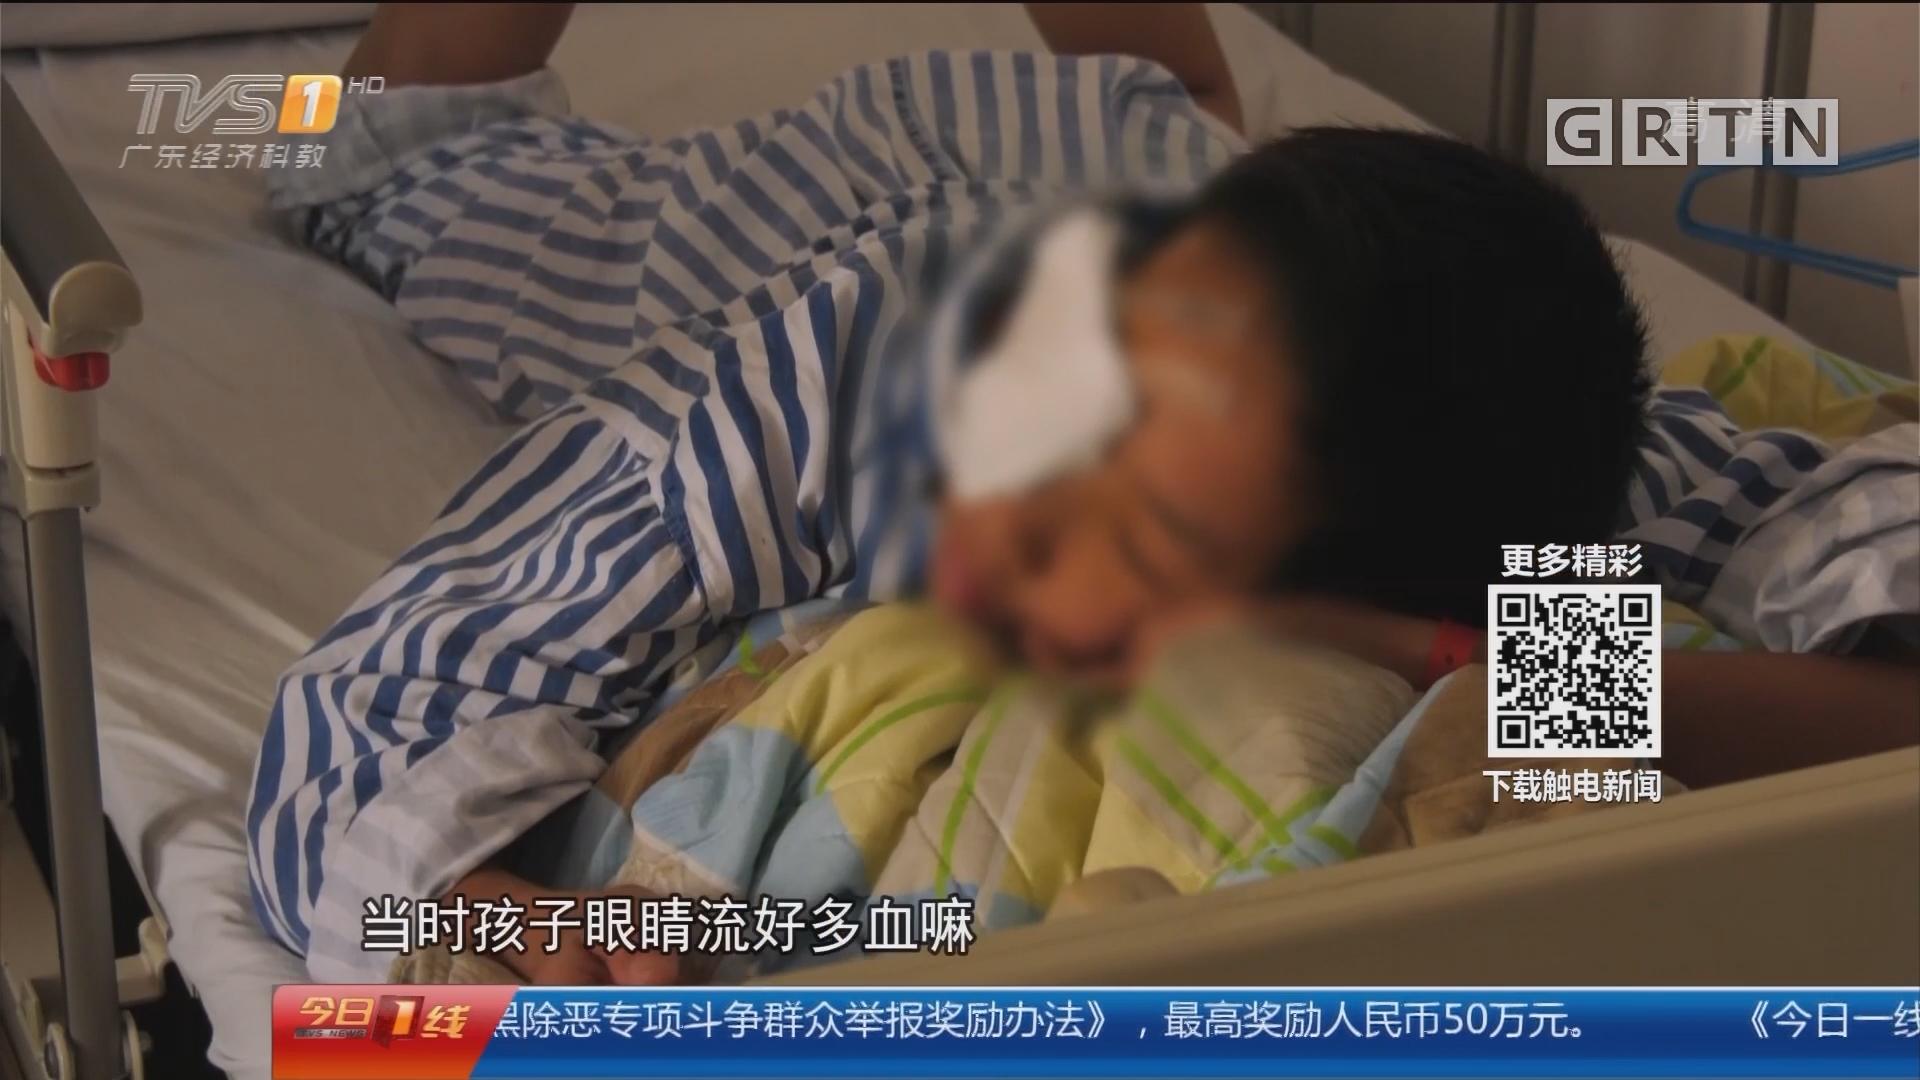 惠州:男孩眼睛受伤 交警开路护送就医